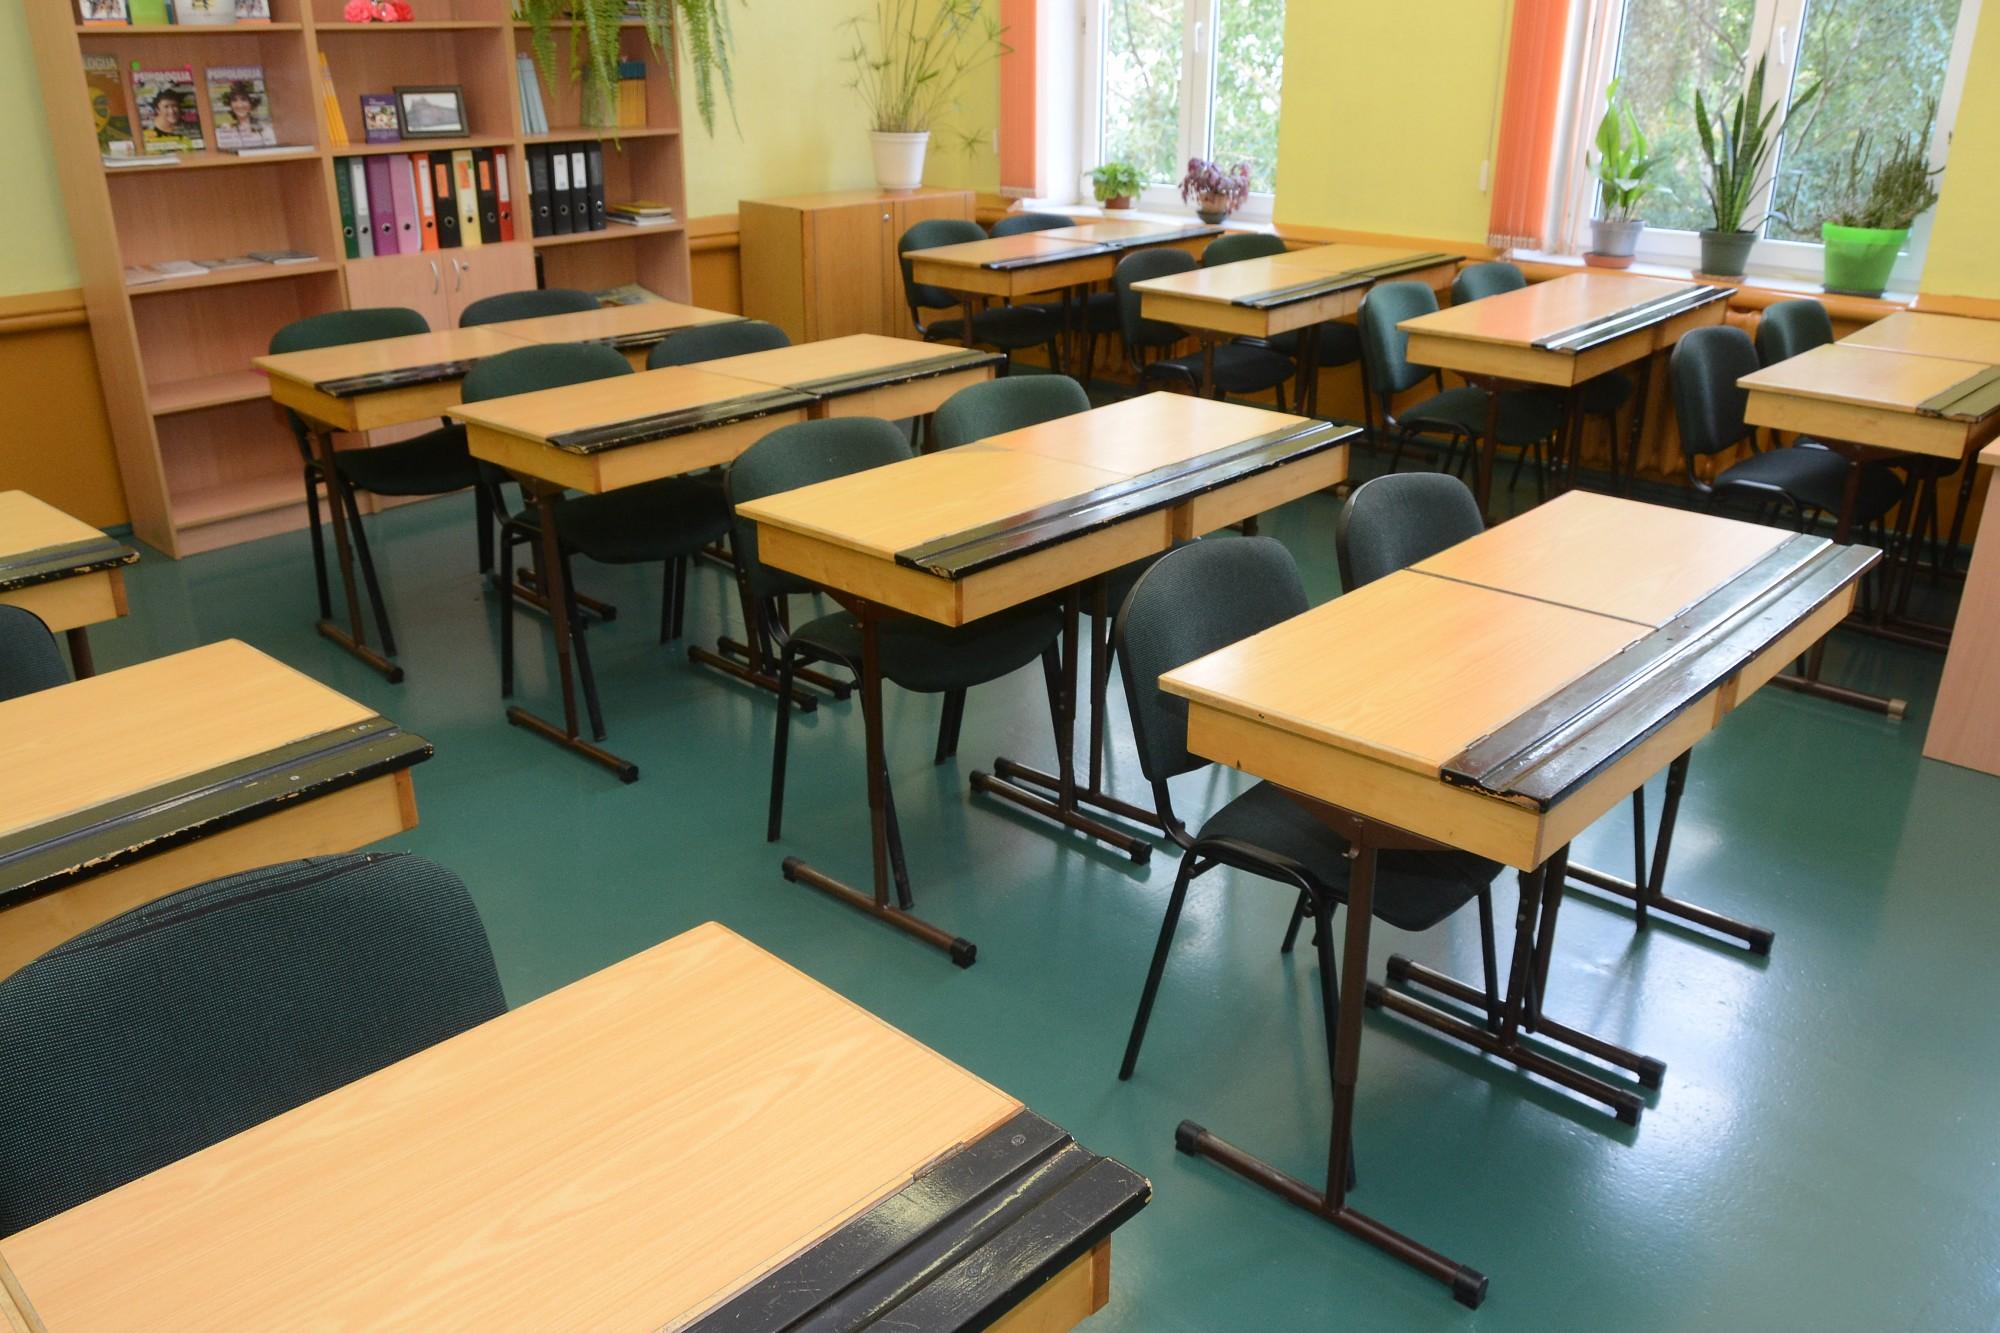 """Kristīne Niedre-Lathere: """"Pagaidām nav pamata panikai, bet skolām ir jādomā par bērnu piesaisti"""""""